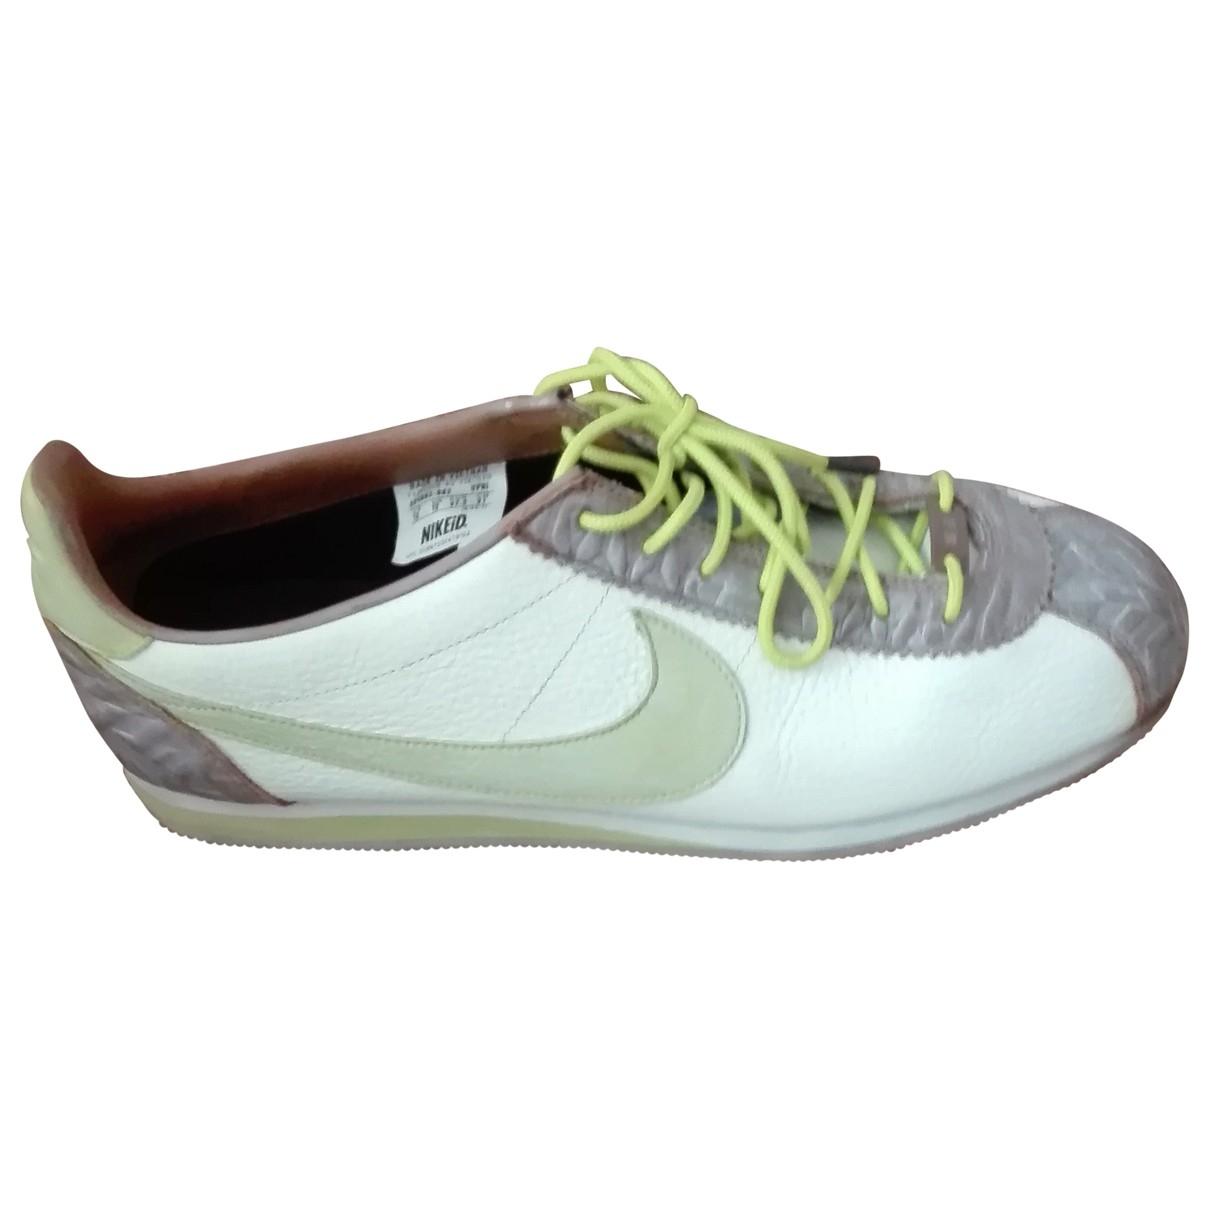 Nike - Baskets Cortez pour homme en cuir - multicolore